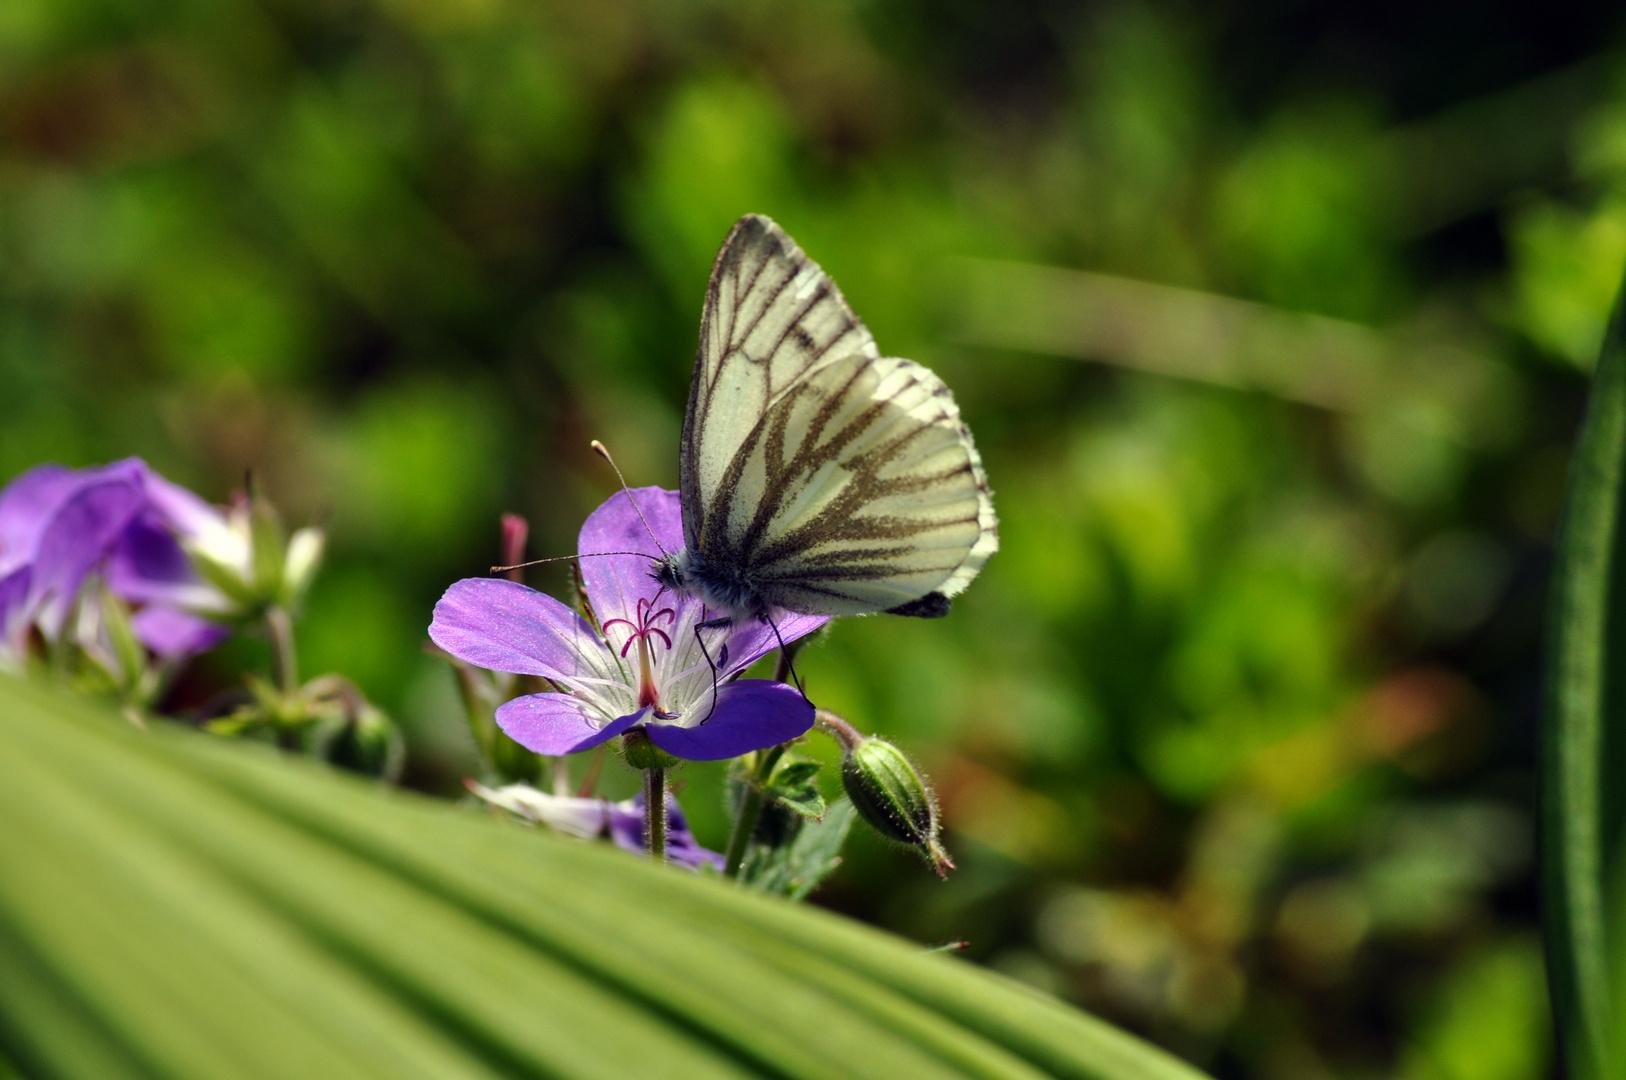 Flowerduett